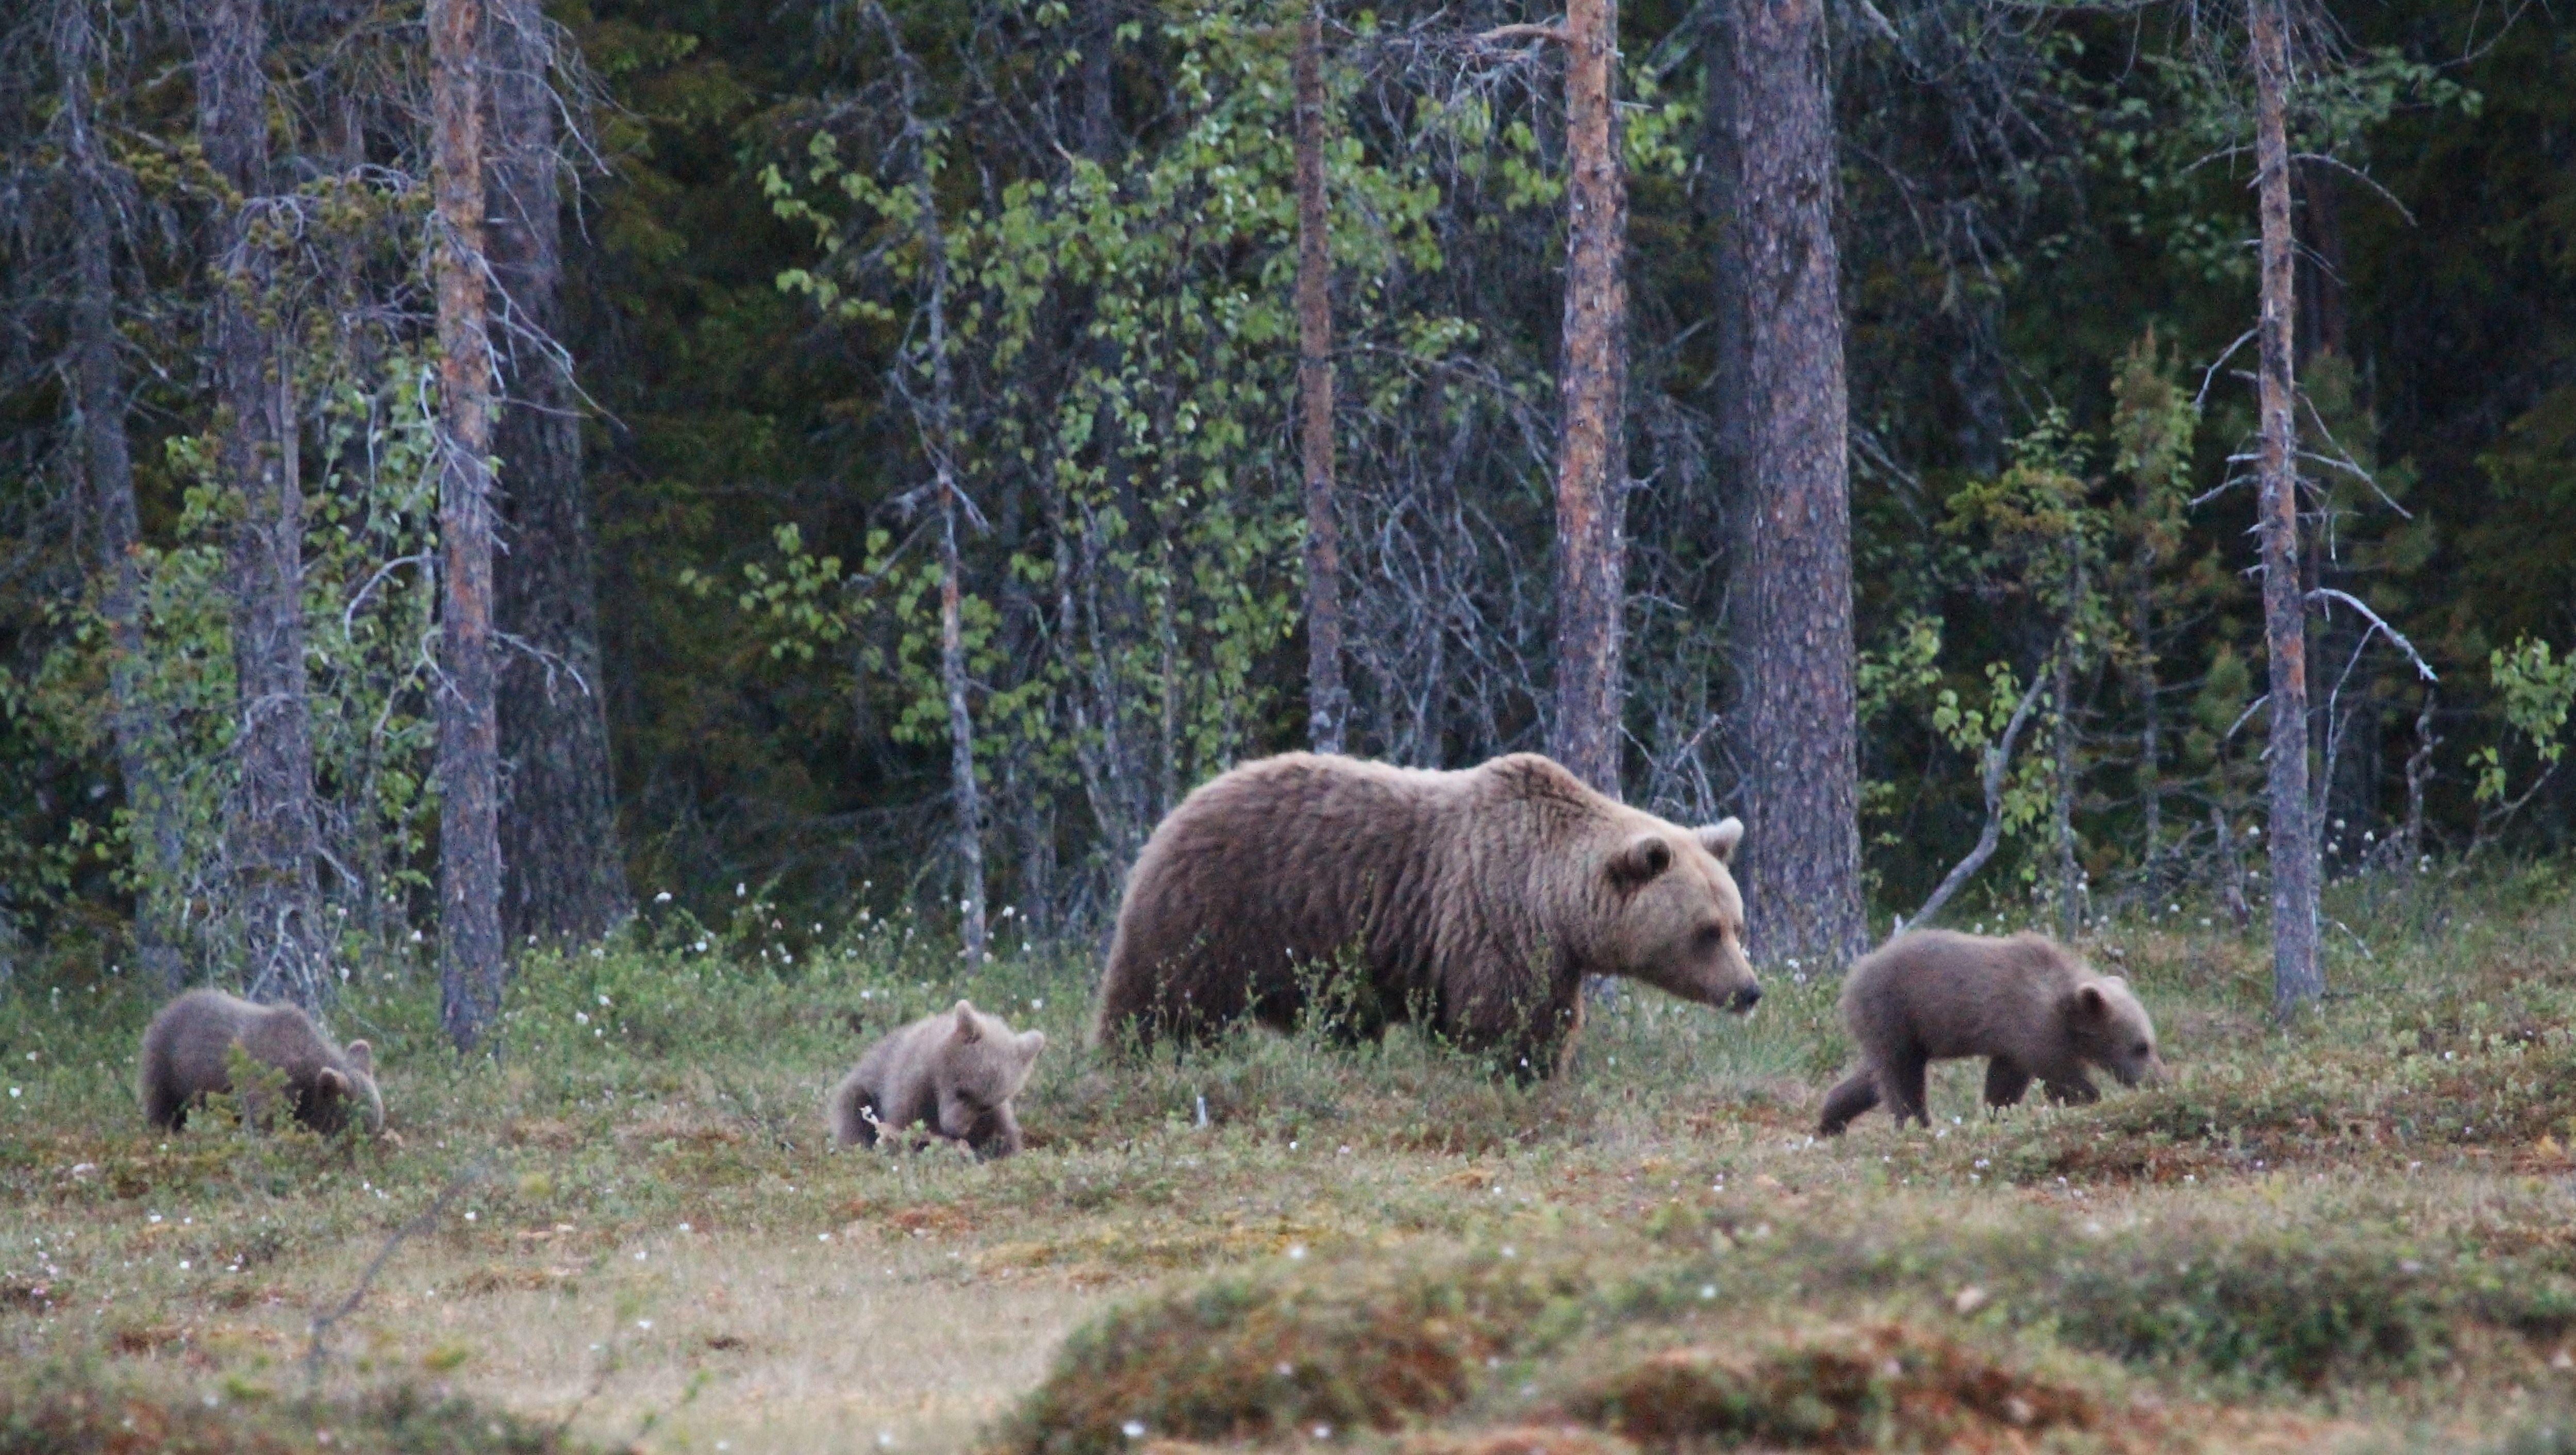 Foto: Wild Jämtland,  © Copy: Wild Jämtland, Björnhona med tre ungar i skogen